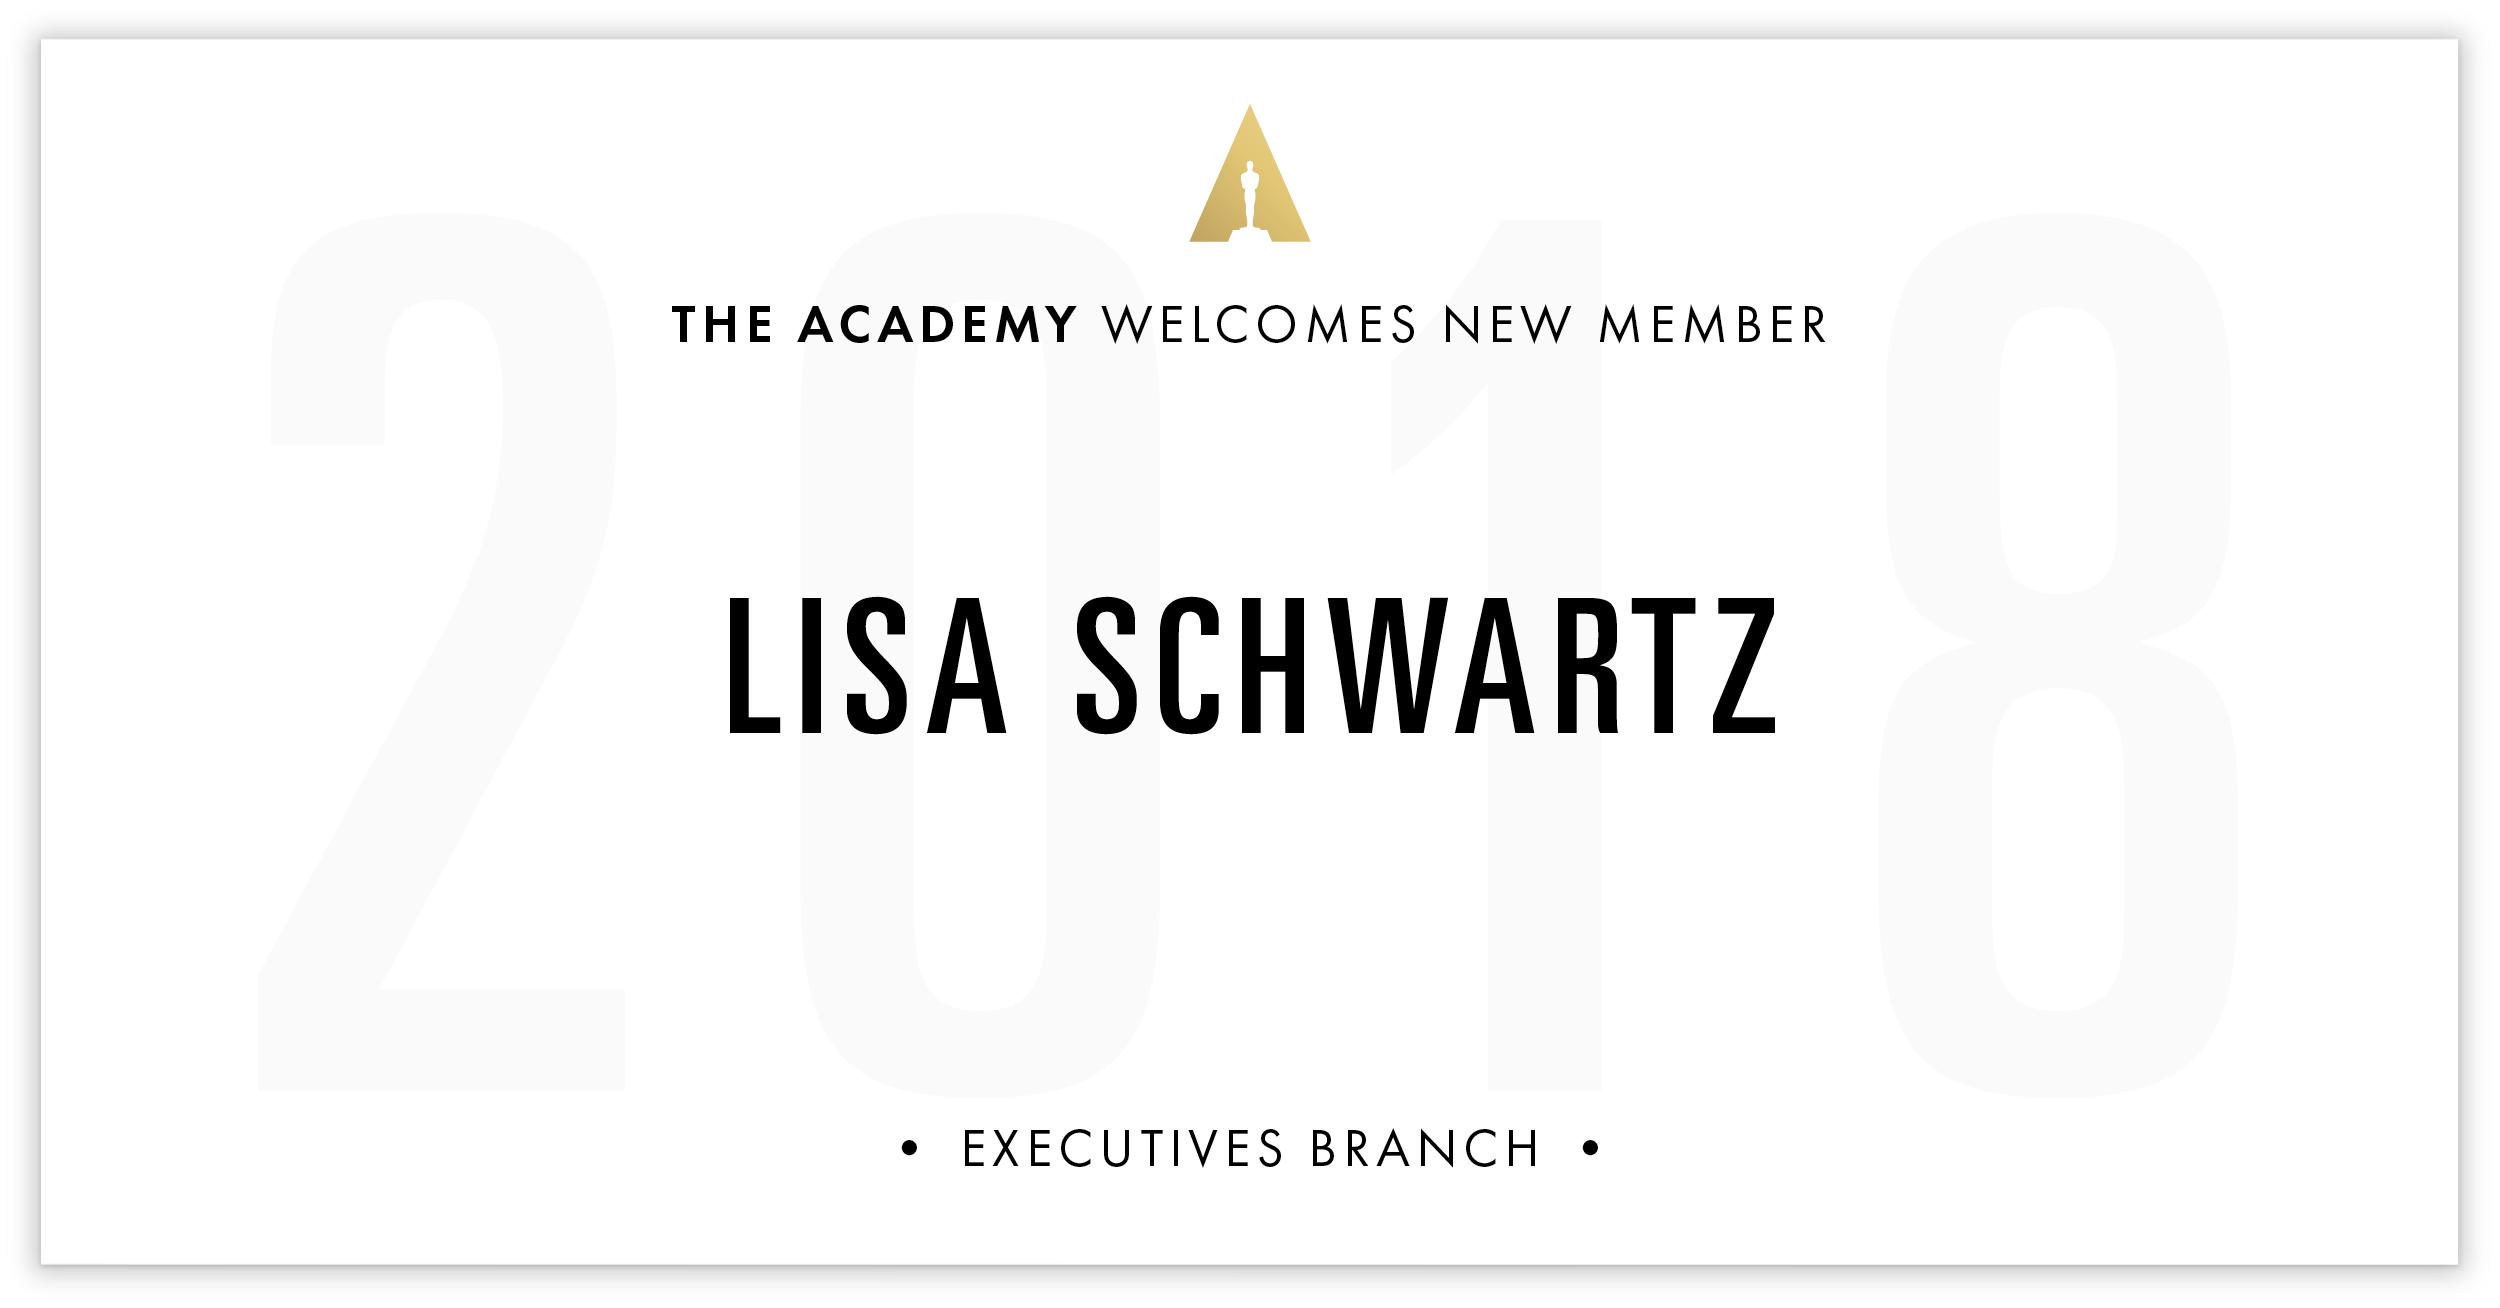 Lisa Schwartz is invited!